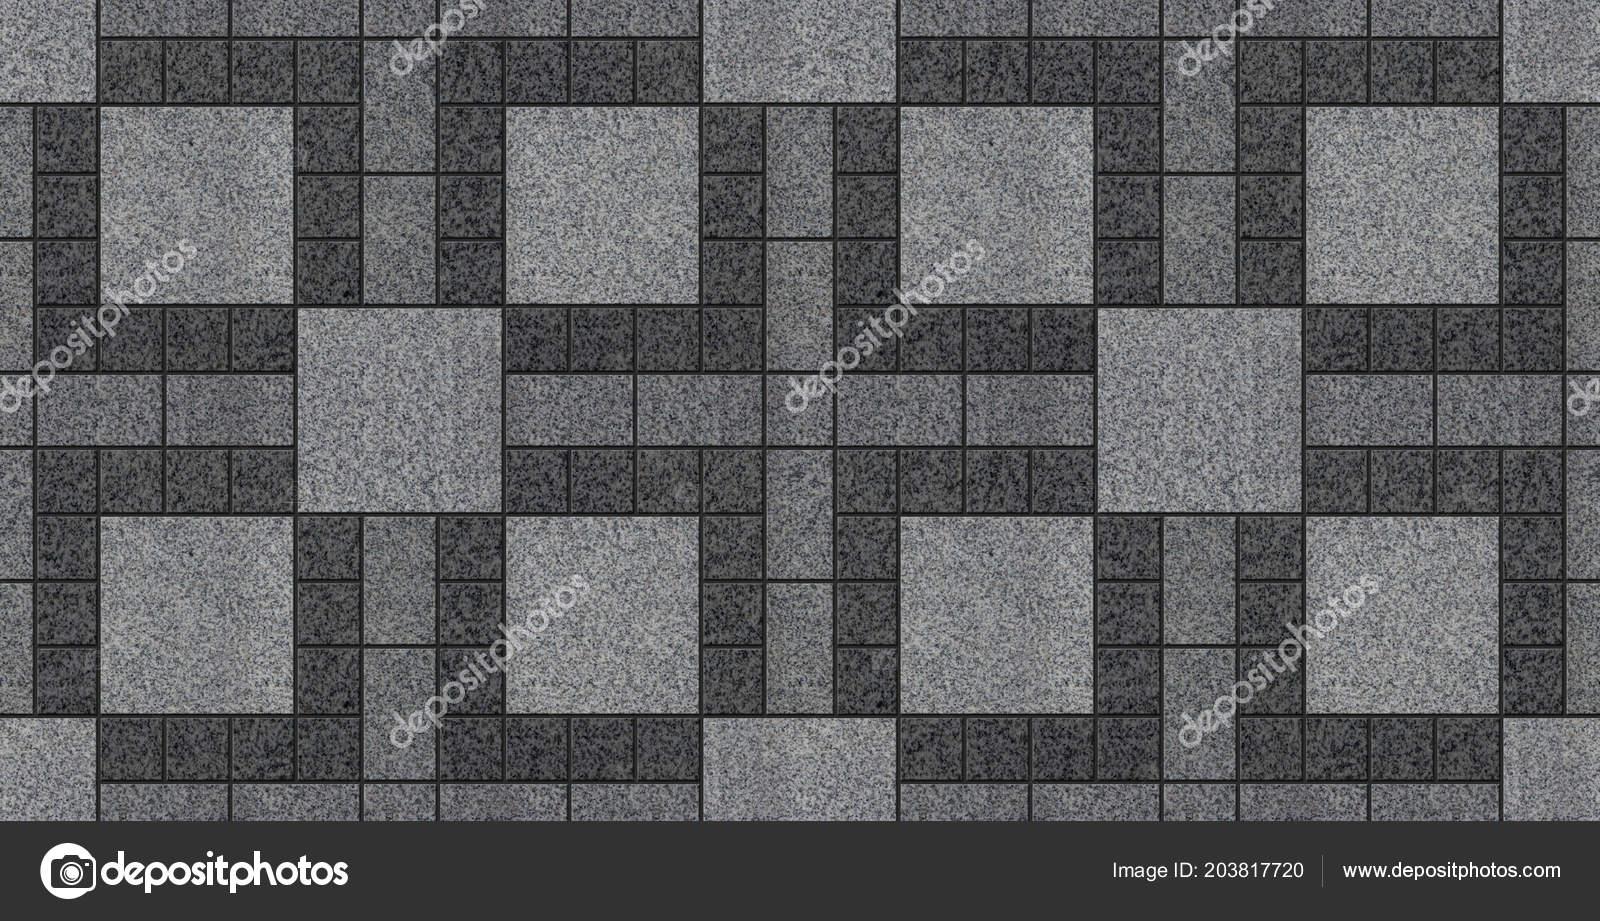 Marmo motivi pavimentazione piastrelle mappa texture seamless